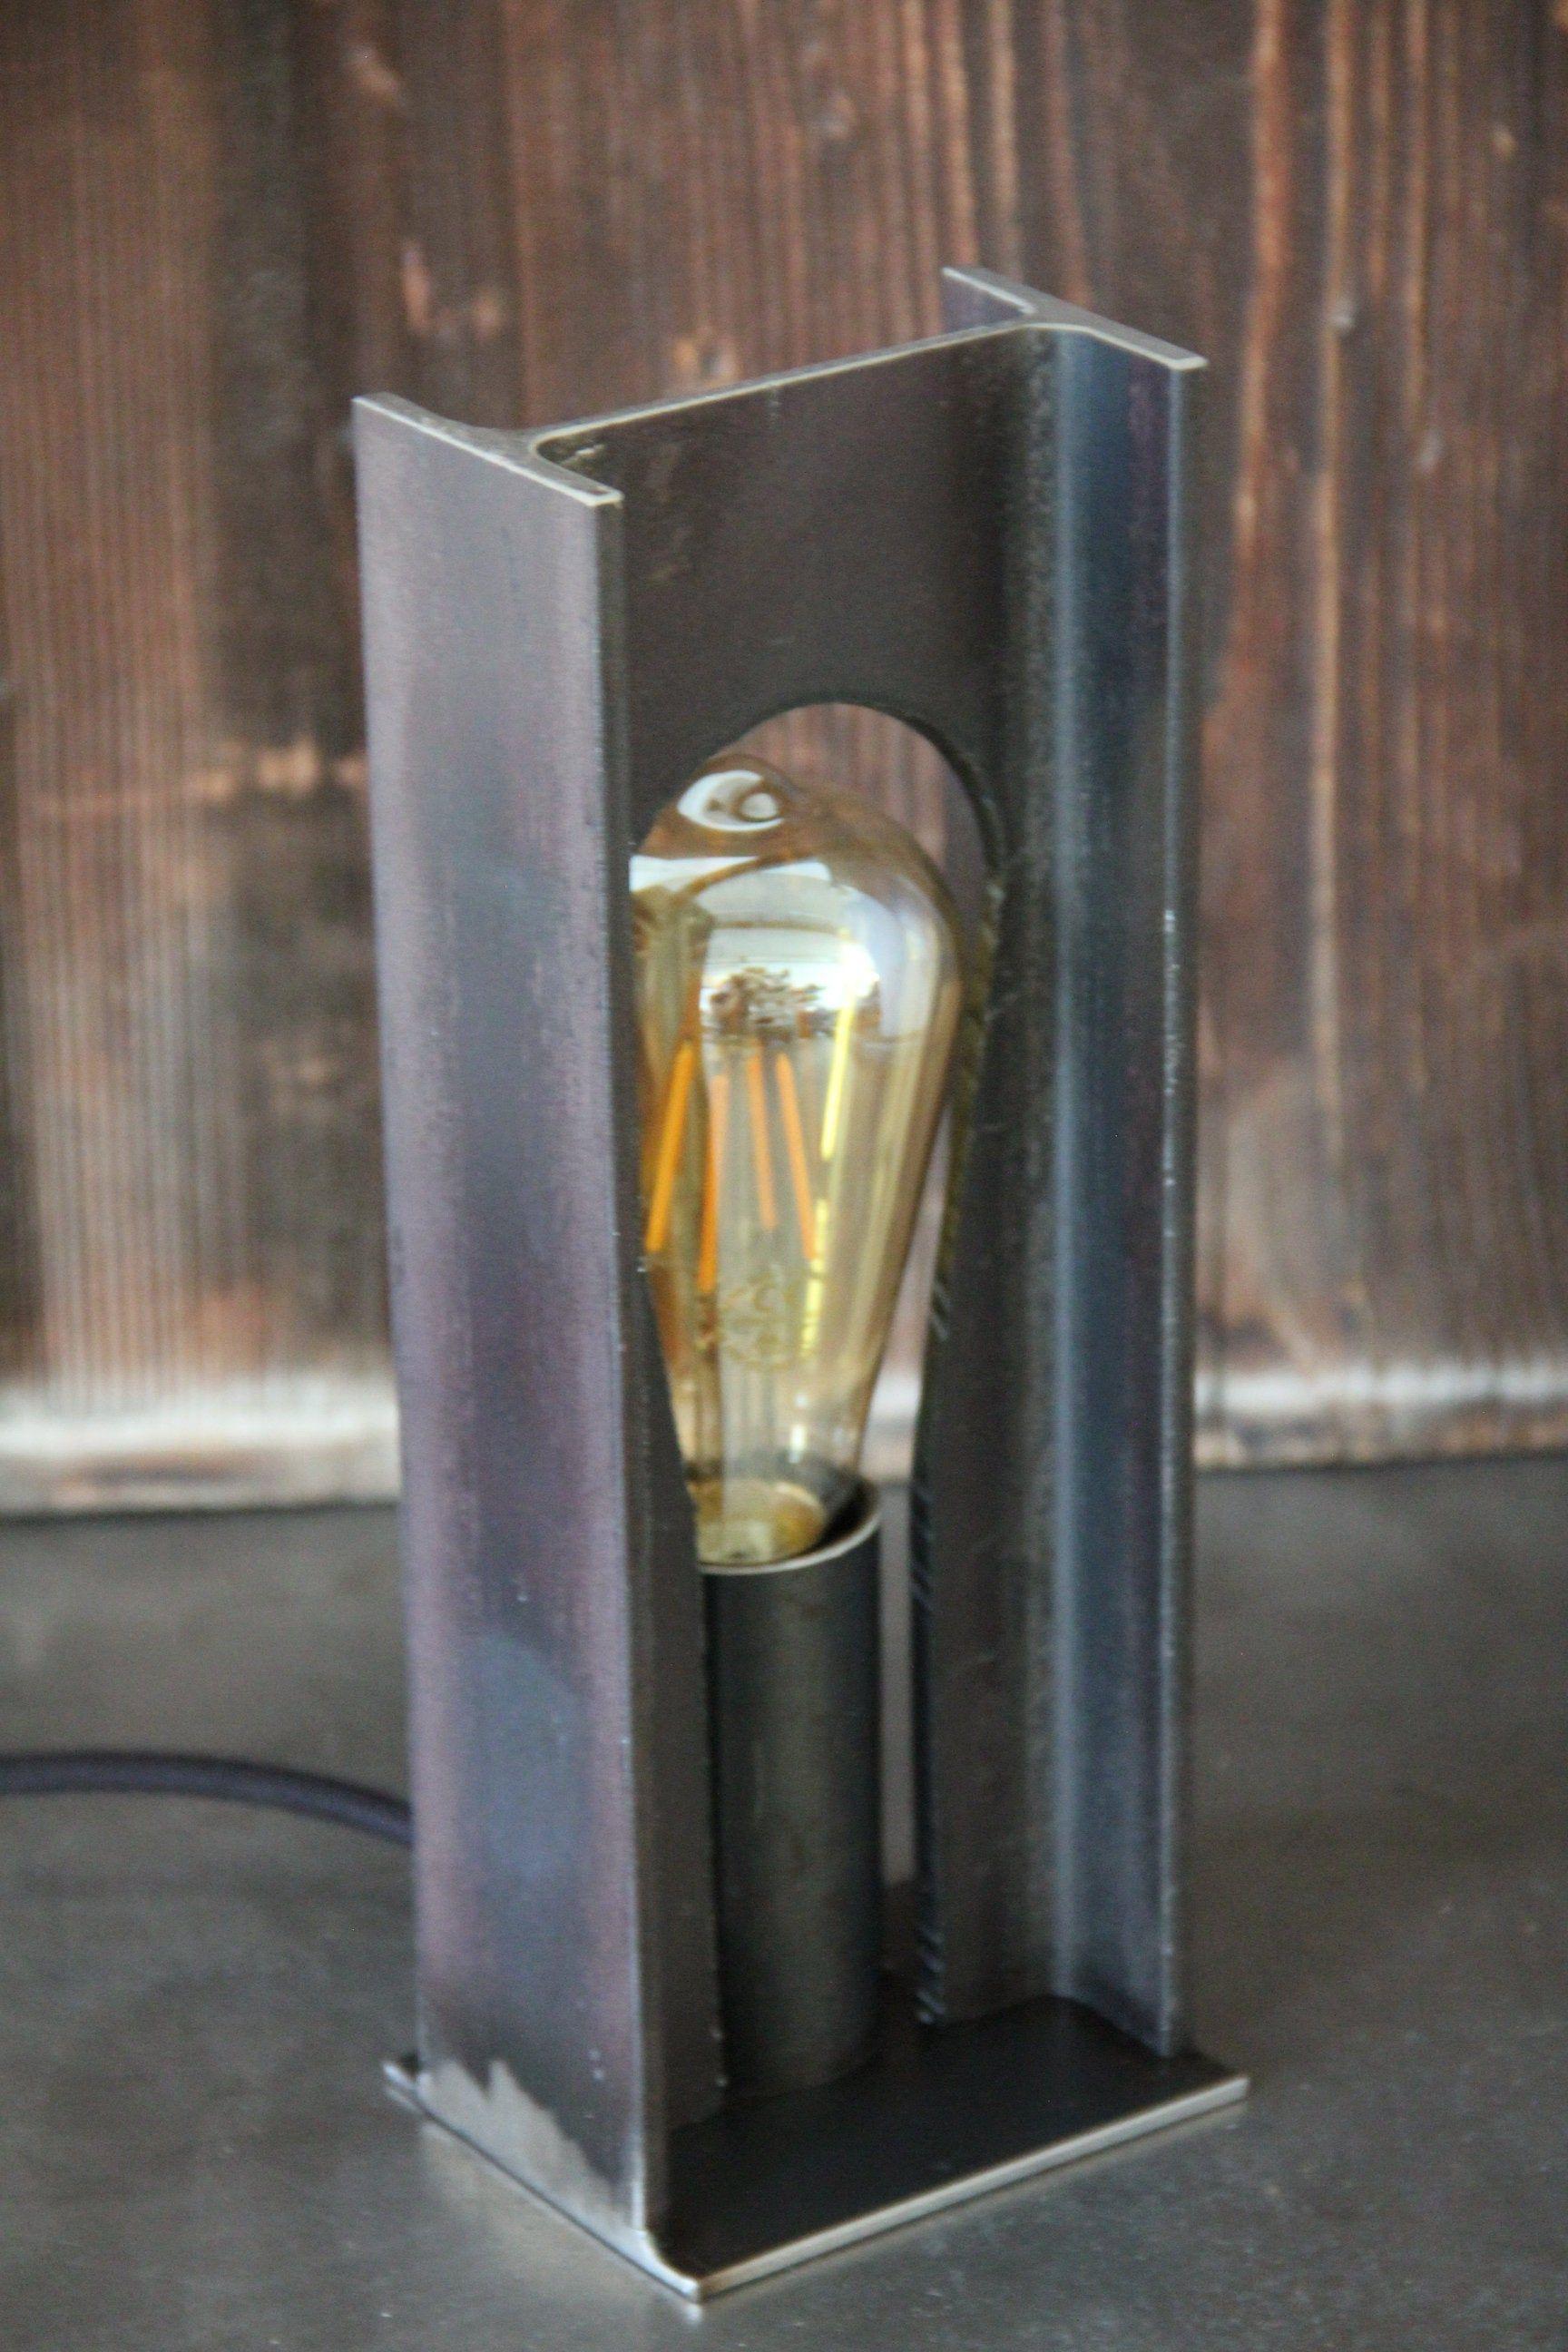 Lampe Stehlampe Stahl Stahltrager Nachttischleuchte In 2020 Diy Lamp Garage Furniture Lamp